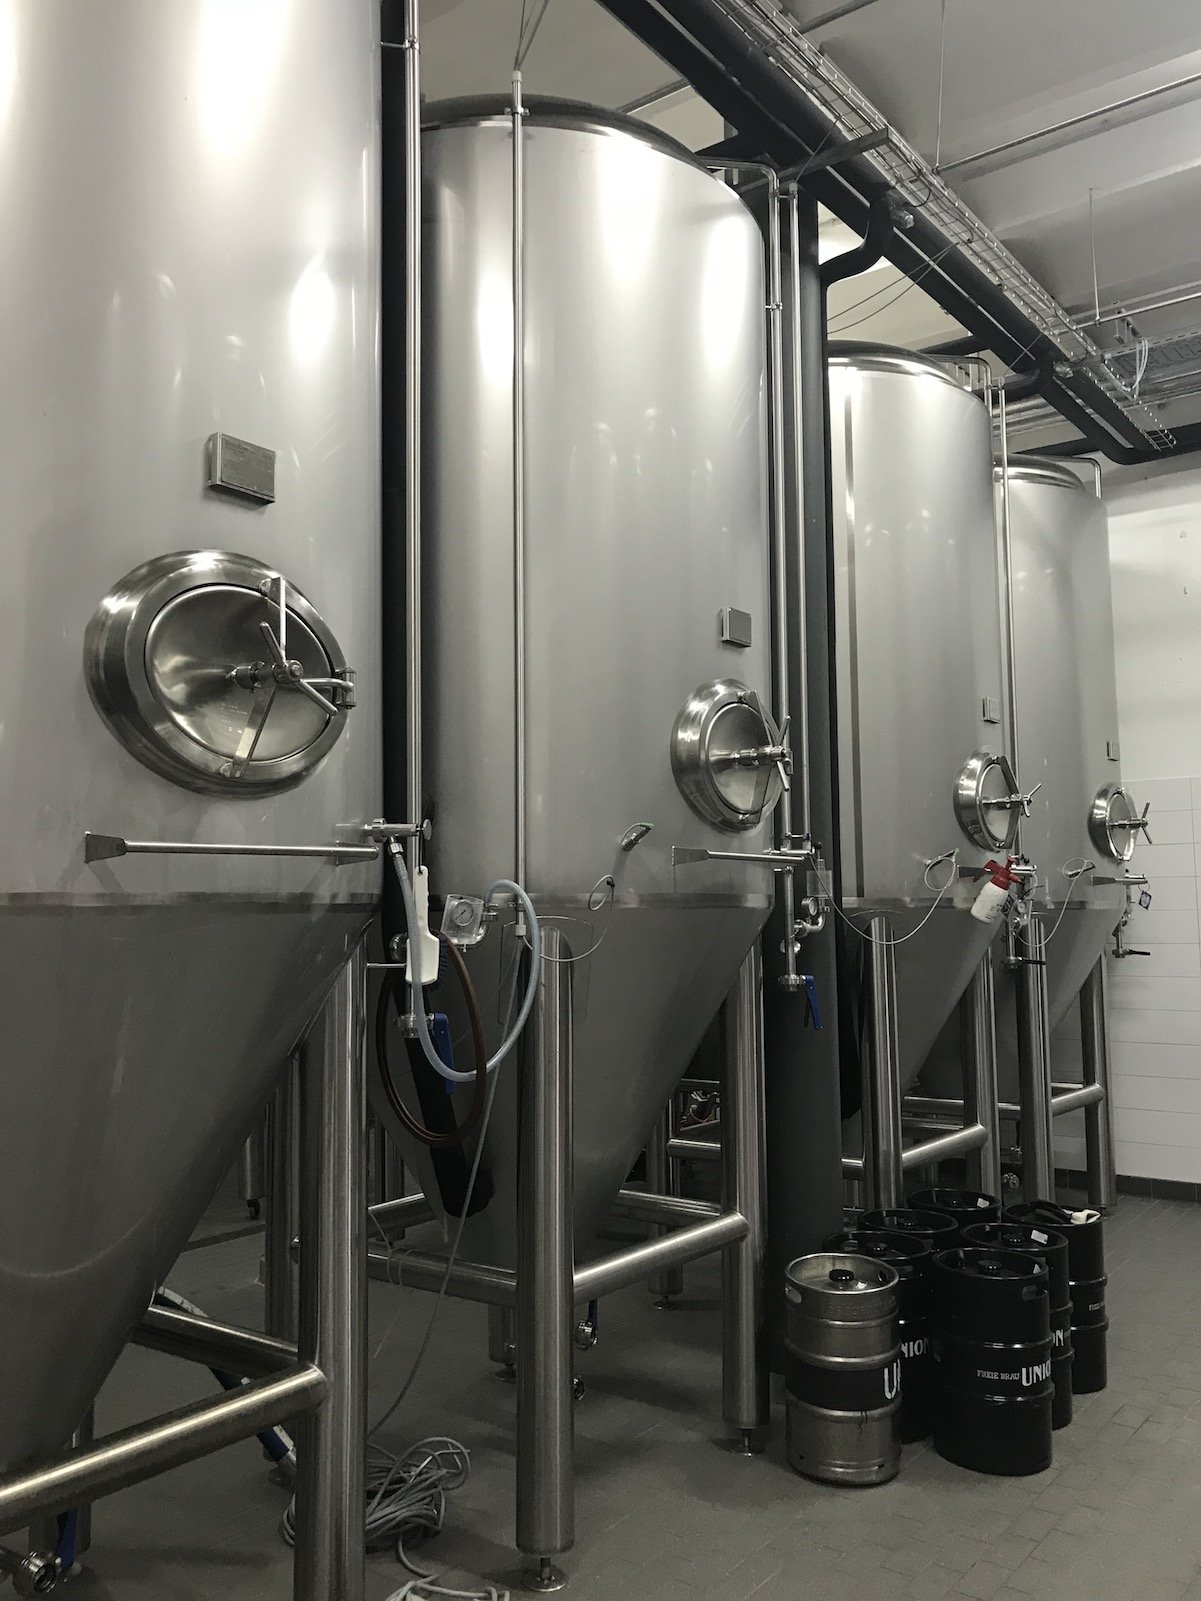 Biertanks bei der Bremer Union Brauerei (Stahltanks)